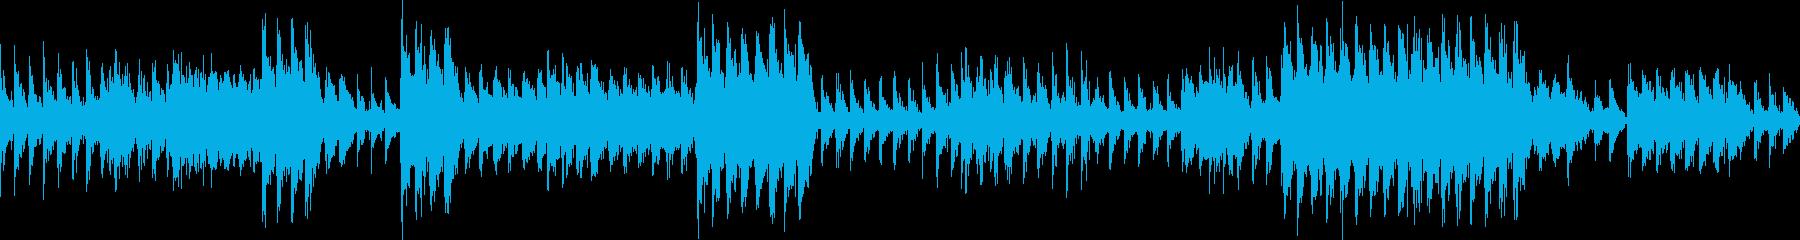 ダダ..ドドド..。銃撃戦(短め)の再生済みの波形